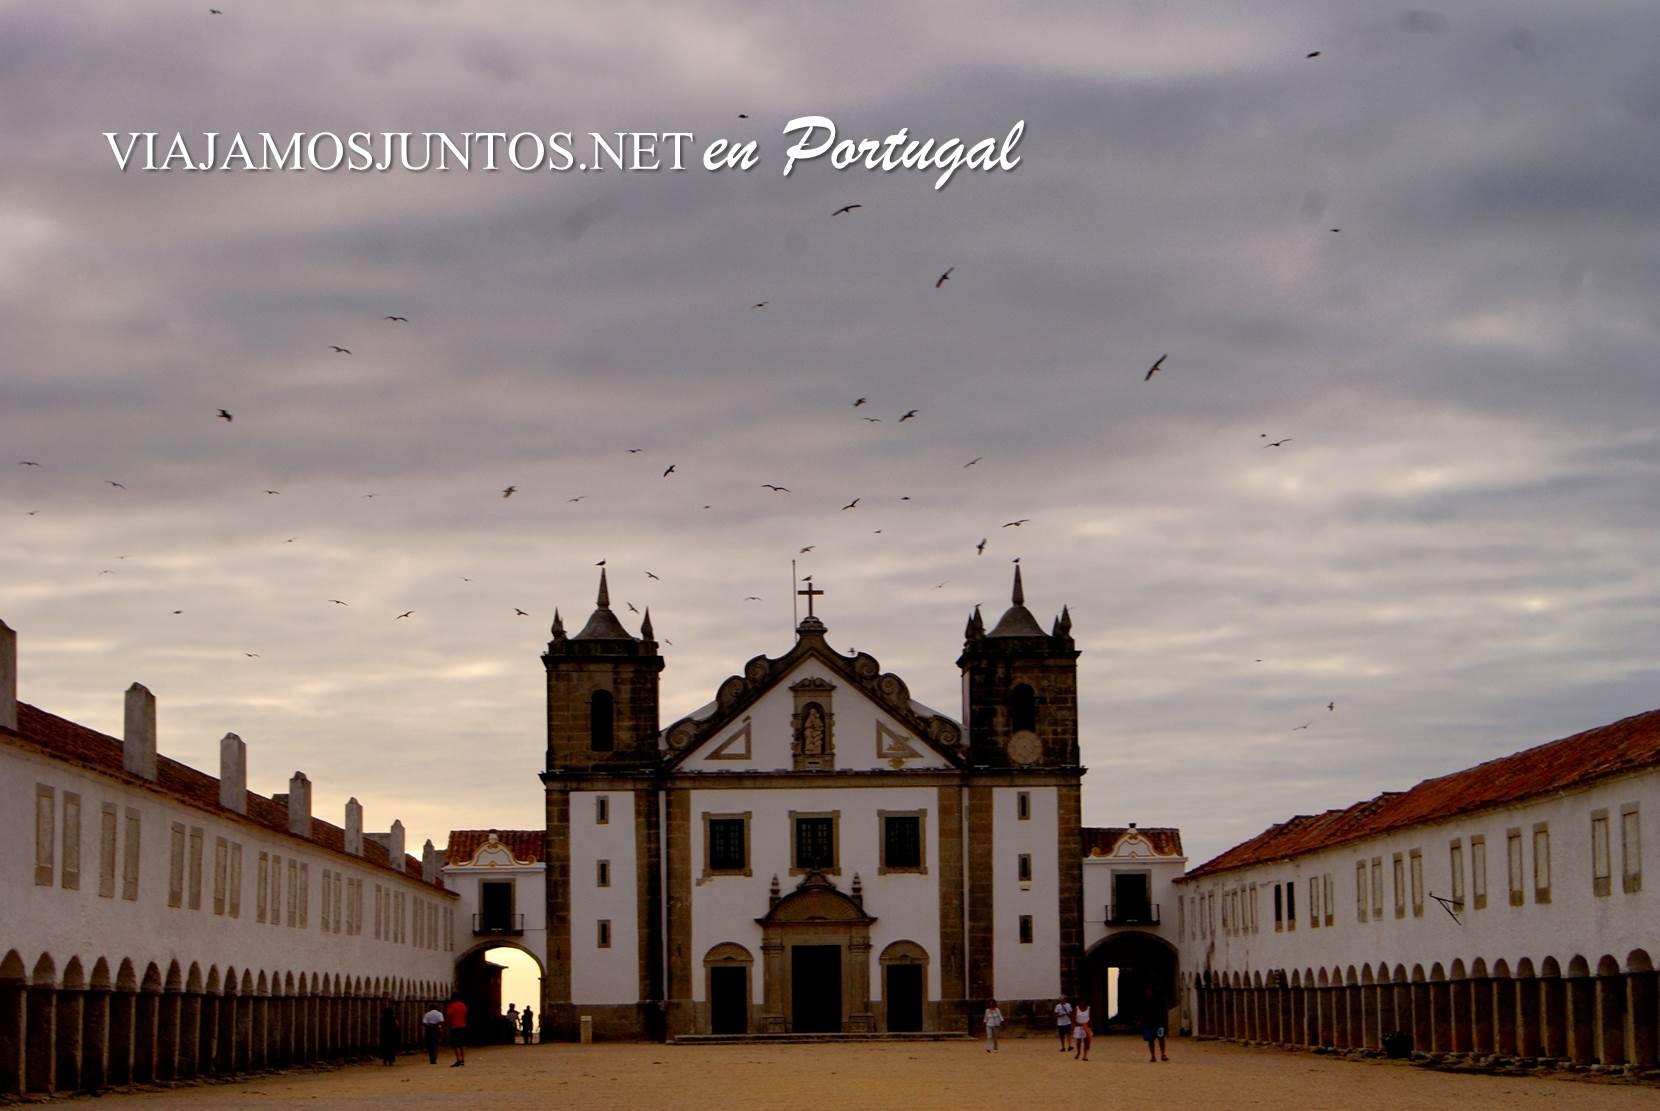 Iglesia del Santuario del Cabo Espichel, Portugal